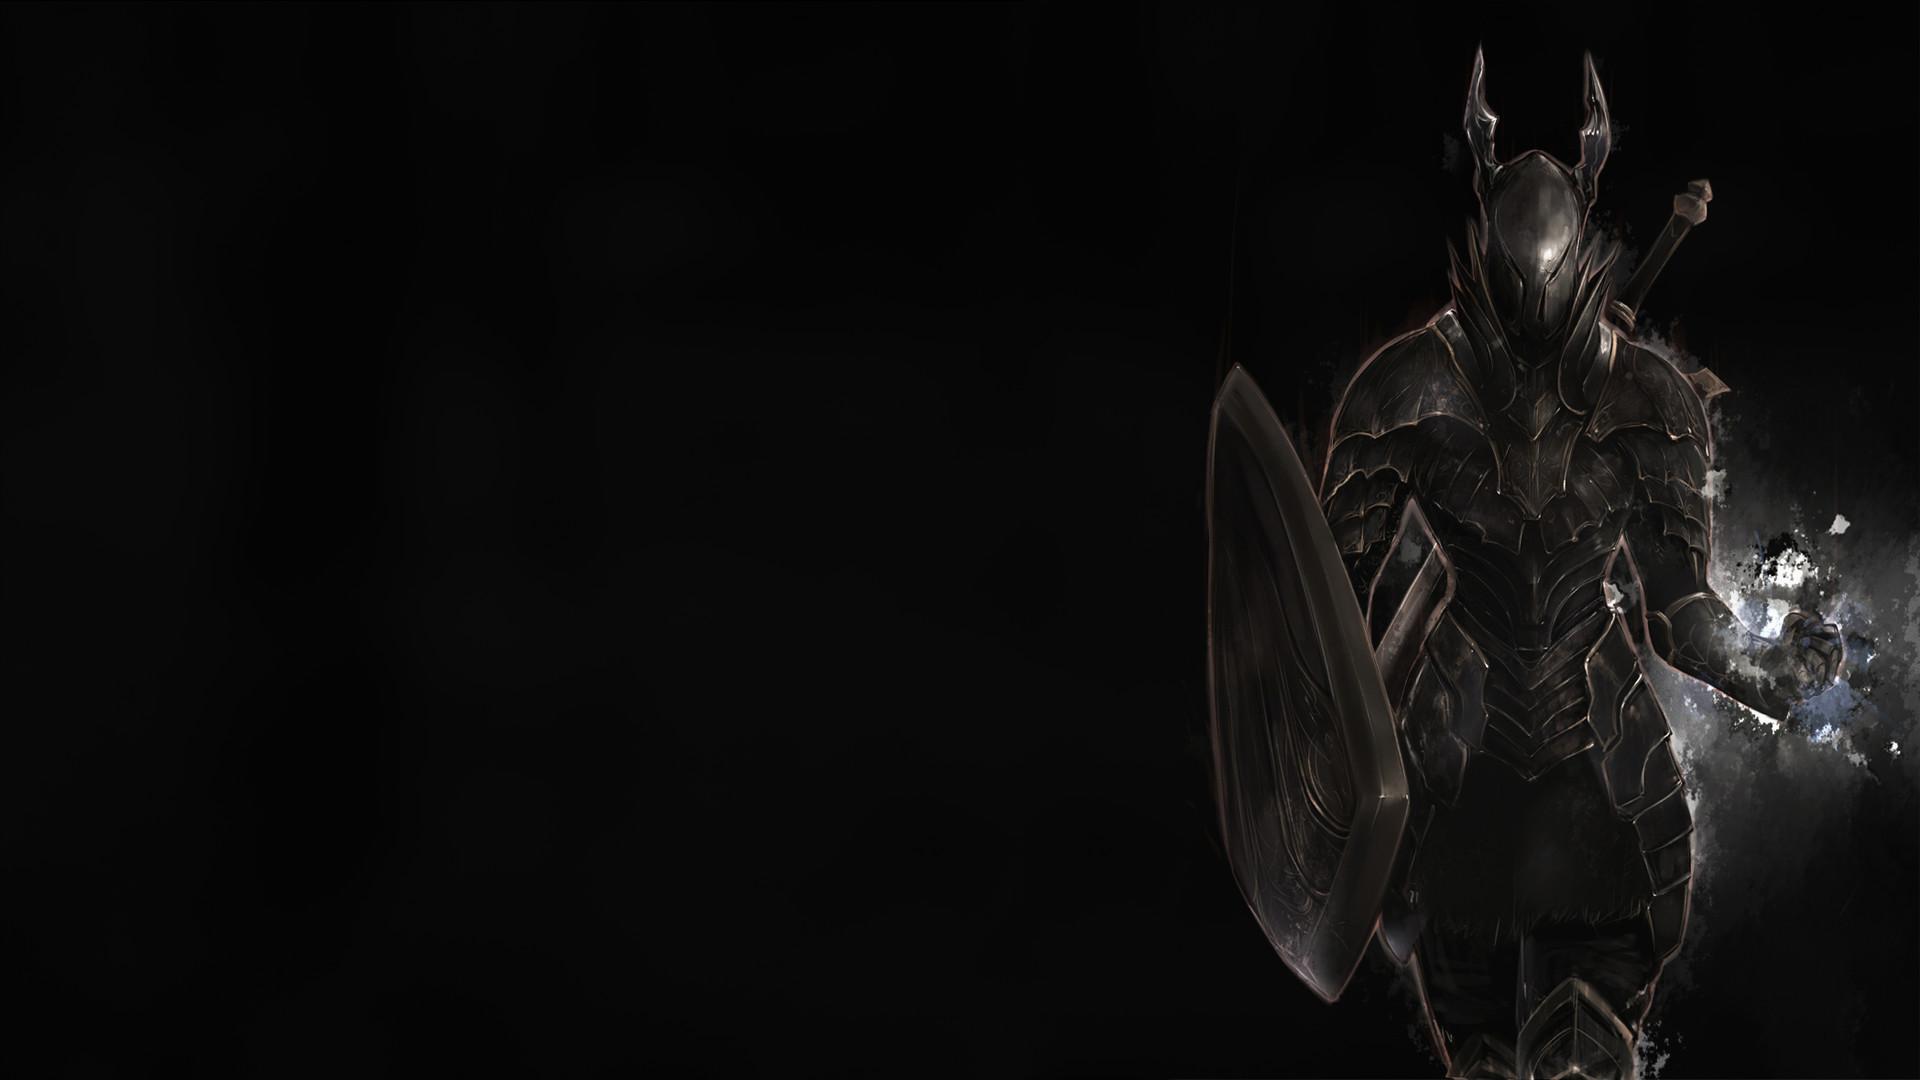 Dark Souls Black Knight Wallpaper 75 Images